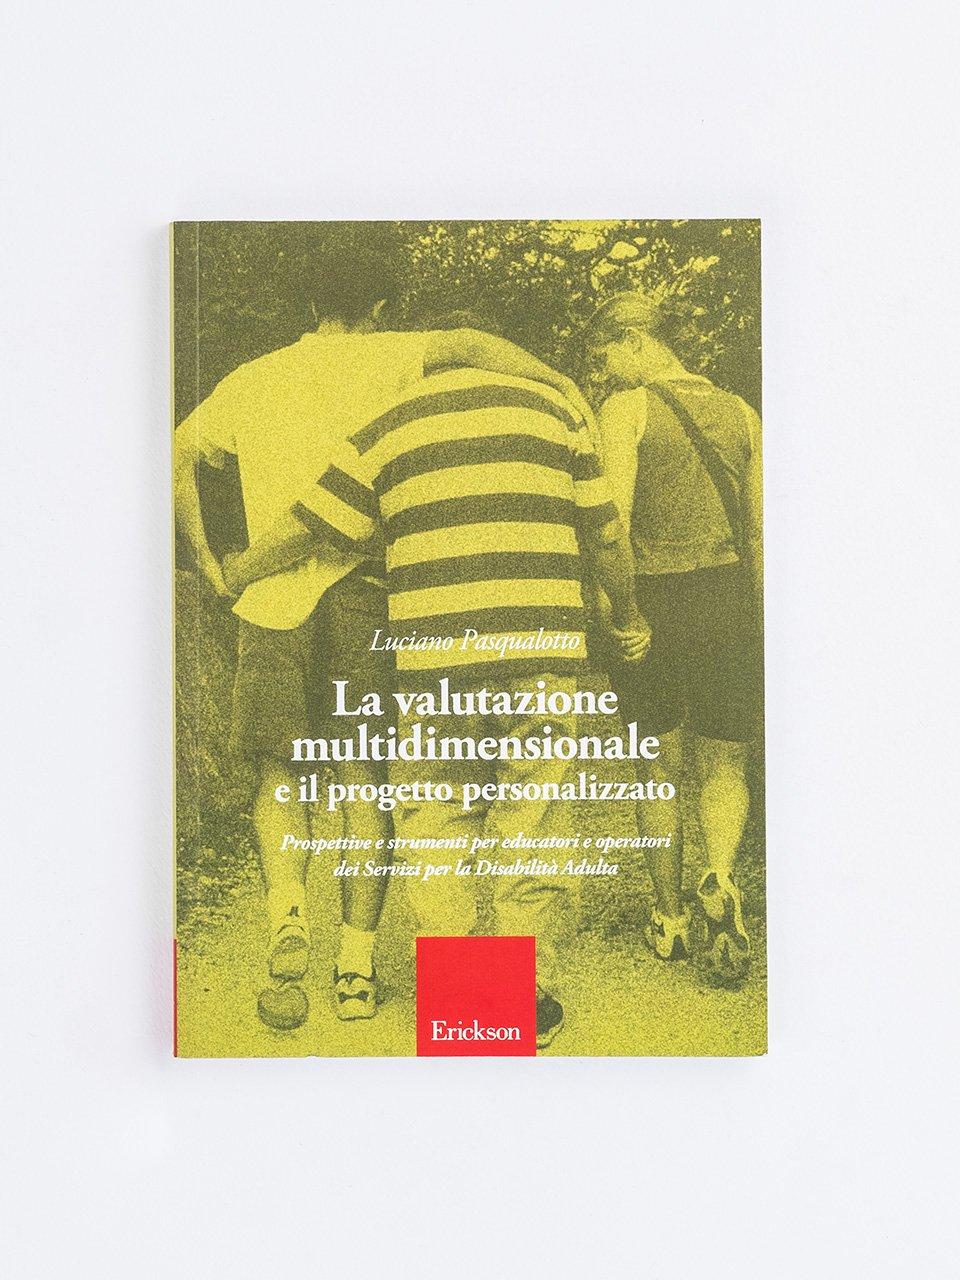 La valutazione multidimensionale e il progetto personalizzato - ICF-CY - Libri - Erickson